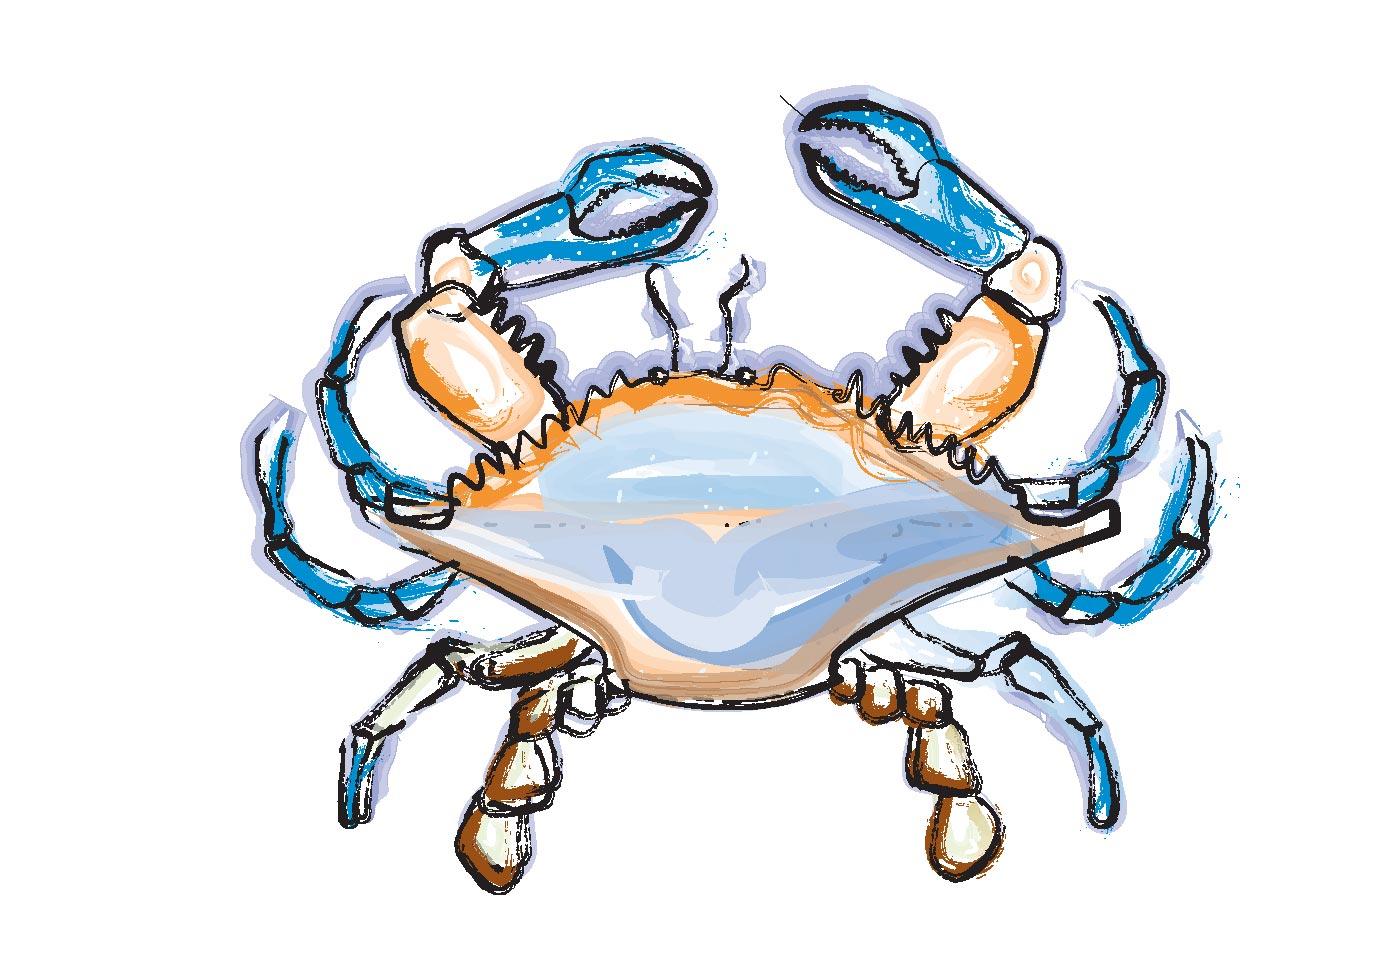 1400x980 Blue Crab Free Vector Art